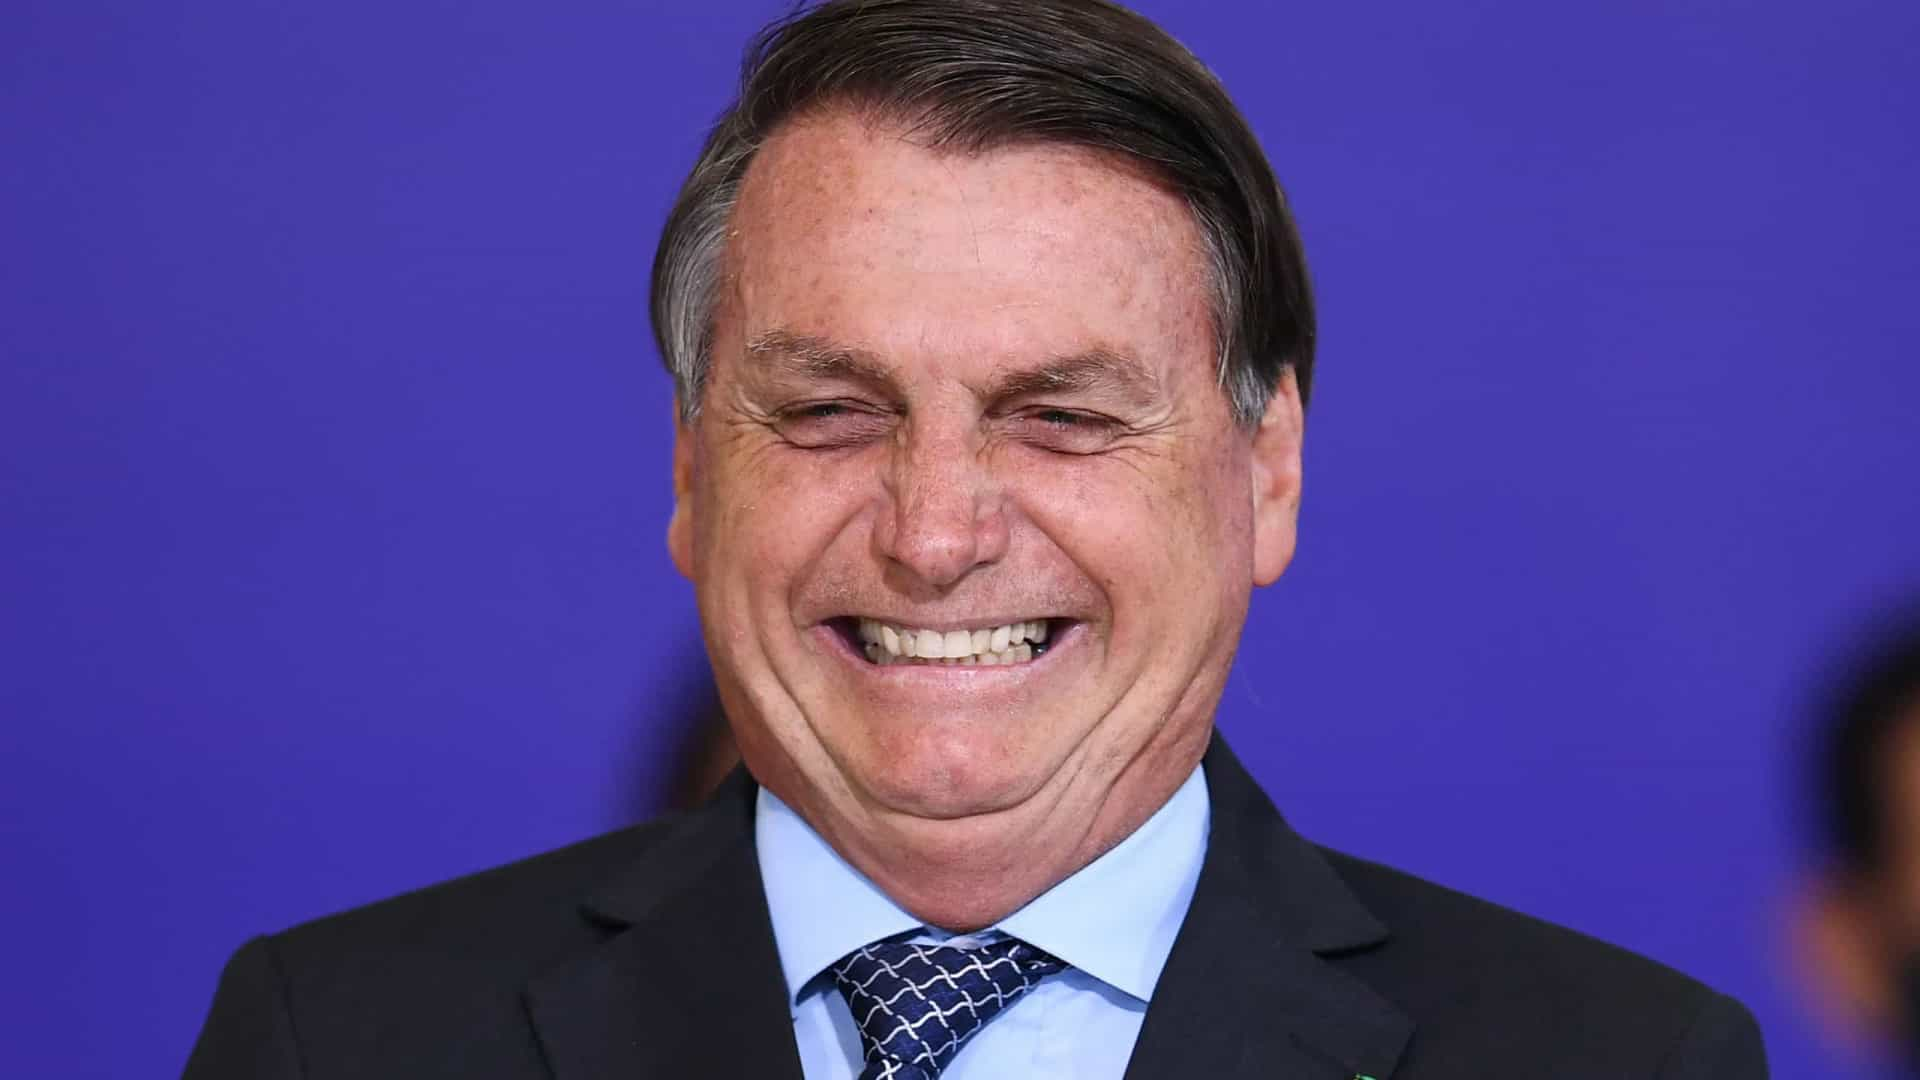 naom 6013c4f3e1110 - Bolsonaro se posiciona contra o uso de máscaras em dia de recorde de mortes por Covid-19 no Brasil